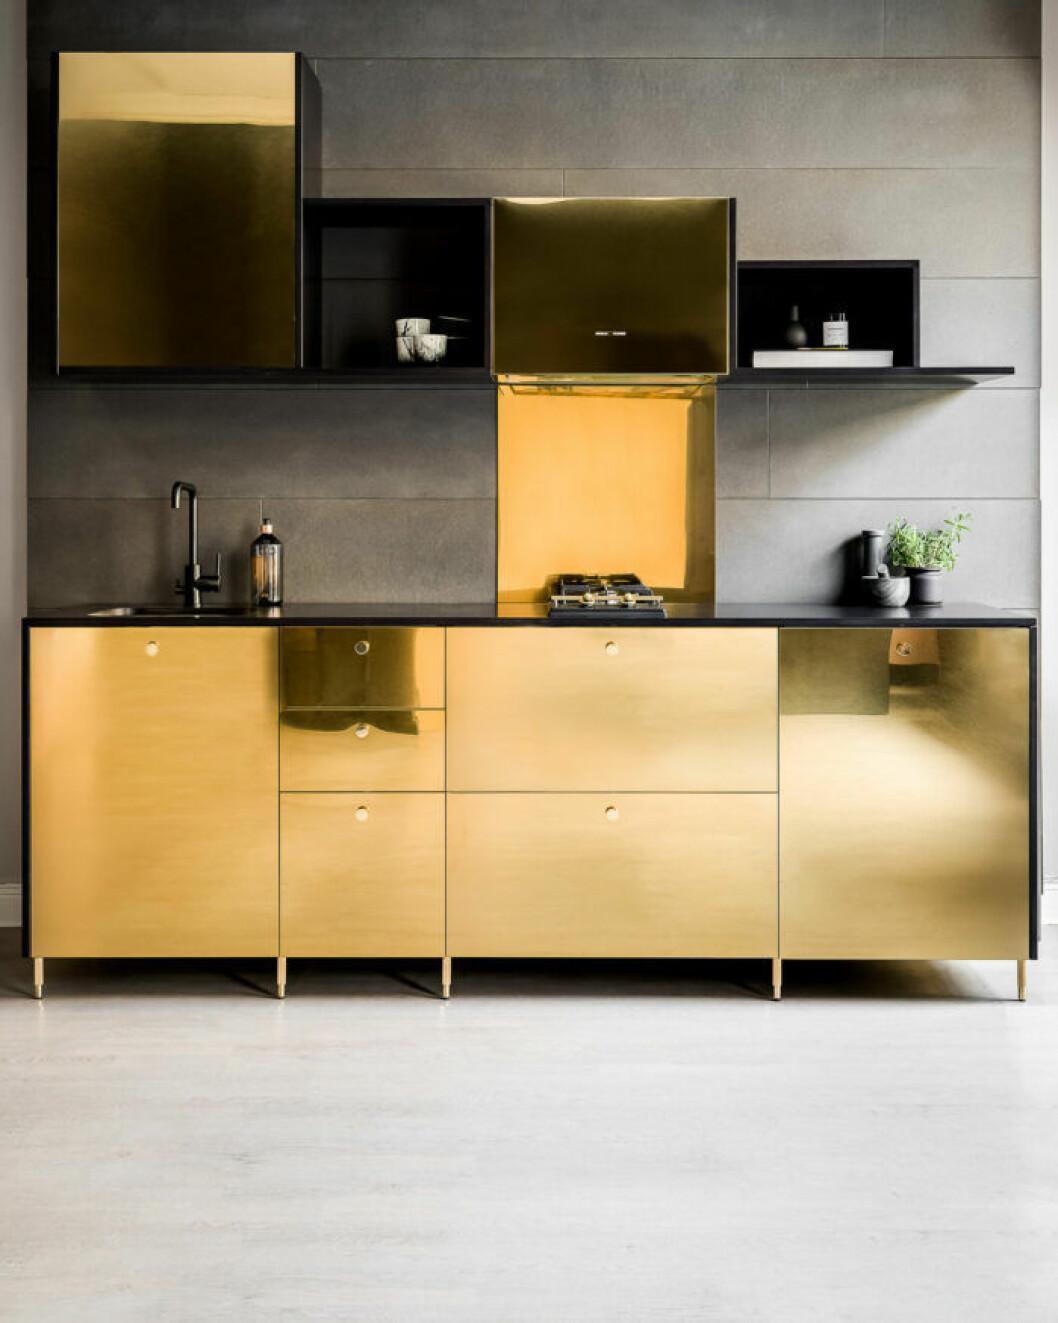 Guldluckor till Ikea-köket från Picky living och Triss